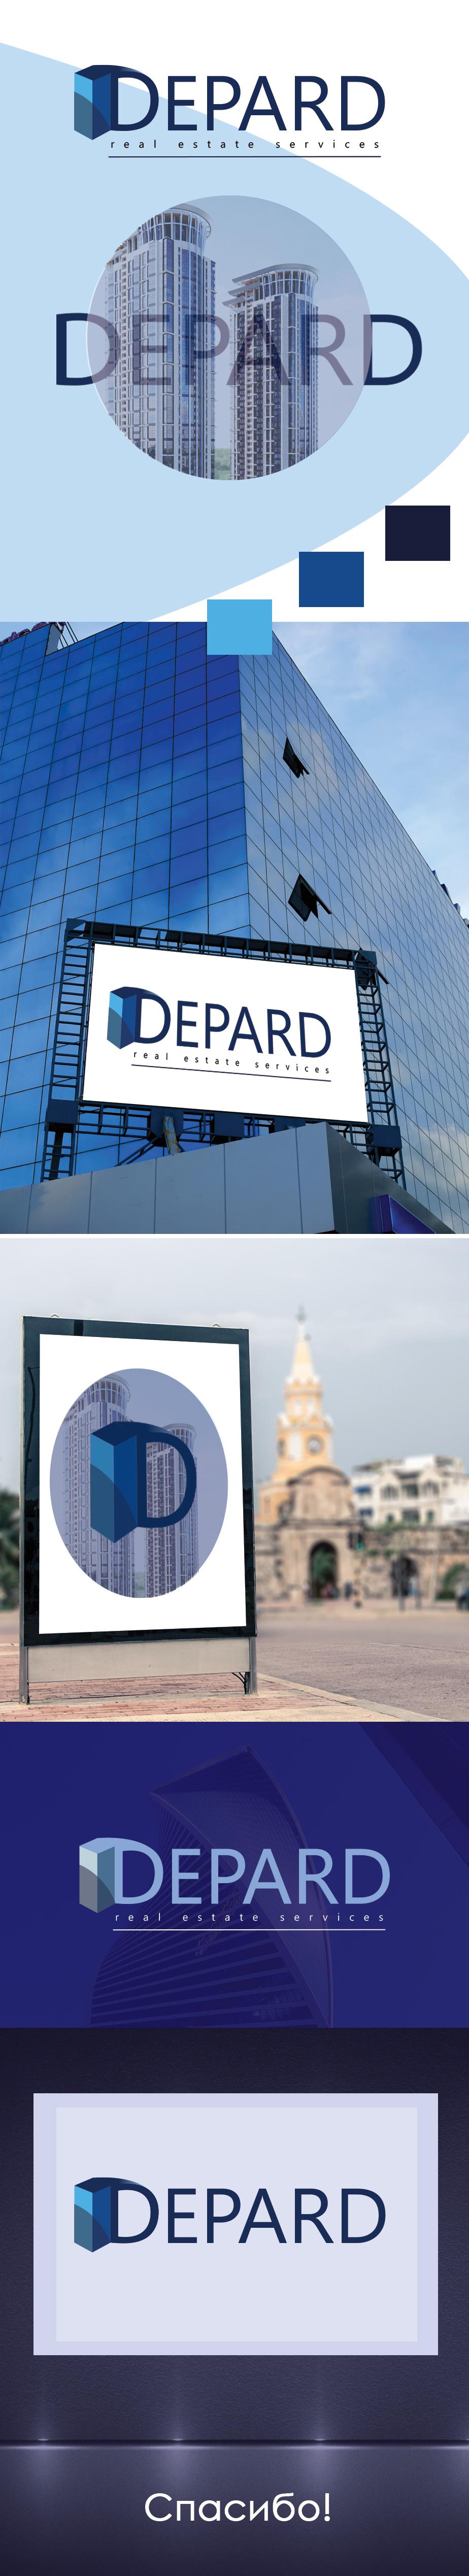 Логотип для компании (услуги недвижимость) фото f_5325930061fb8b07.jpg